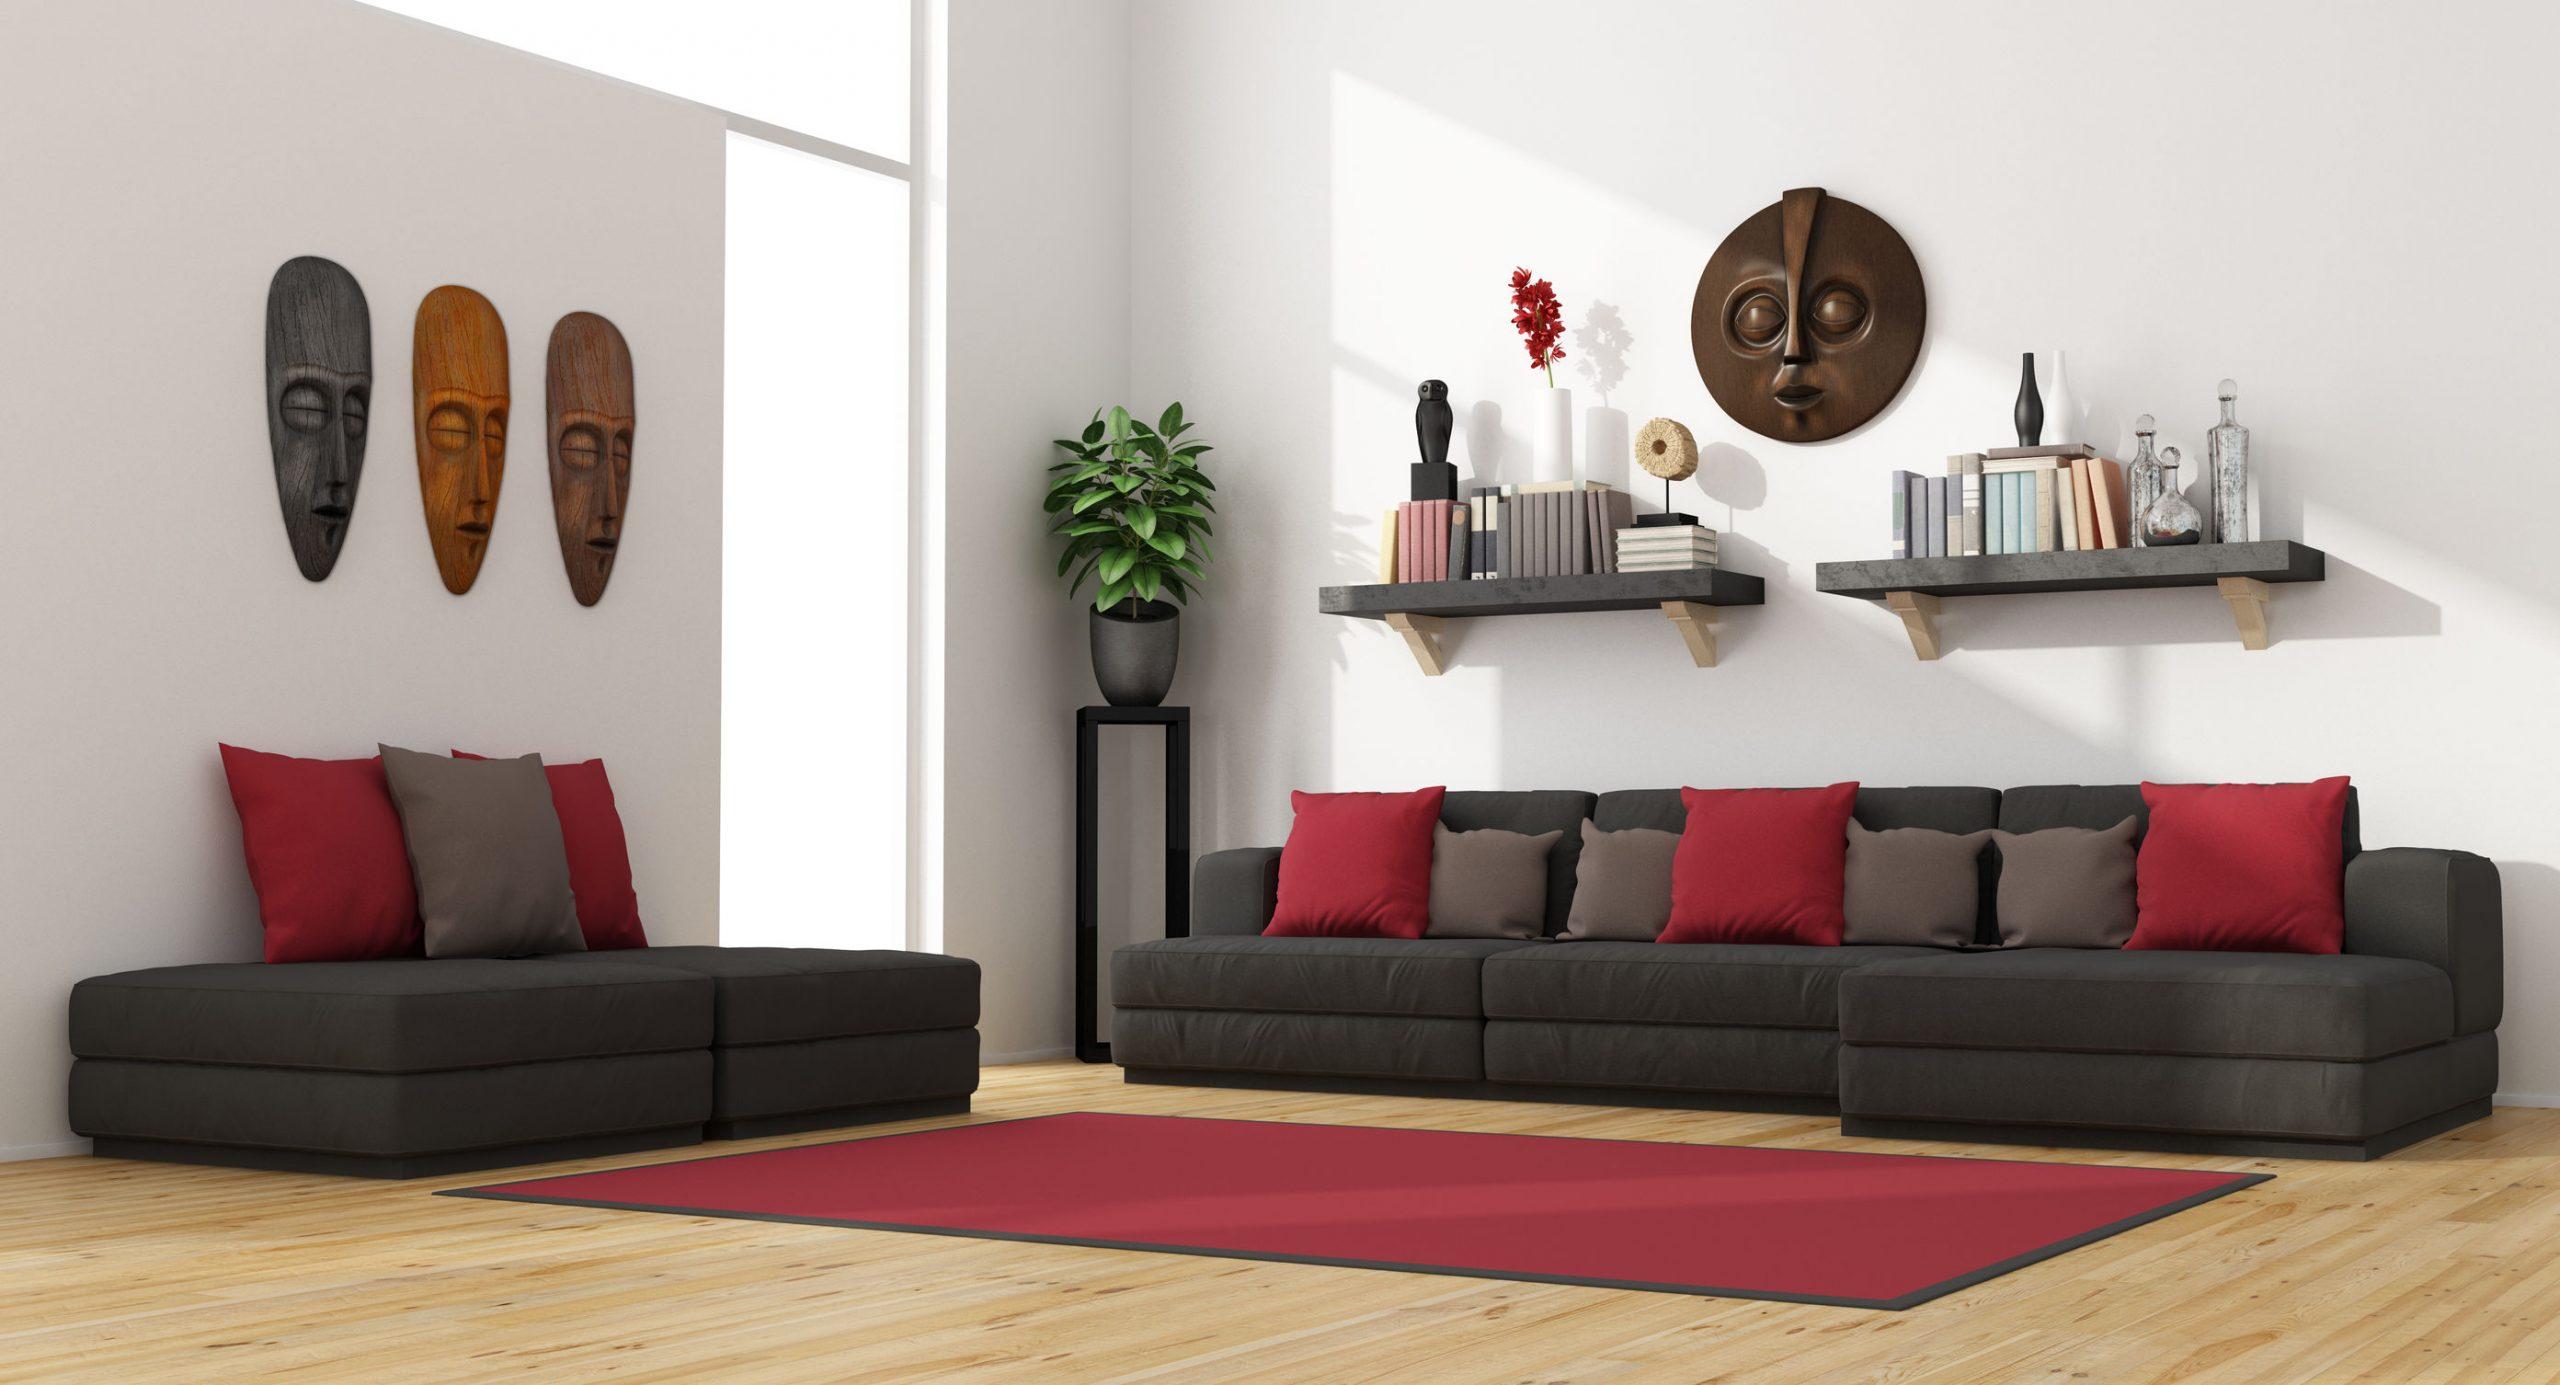 Estanterías de pared sobre el sofá